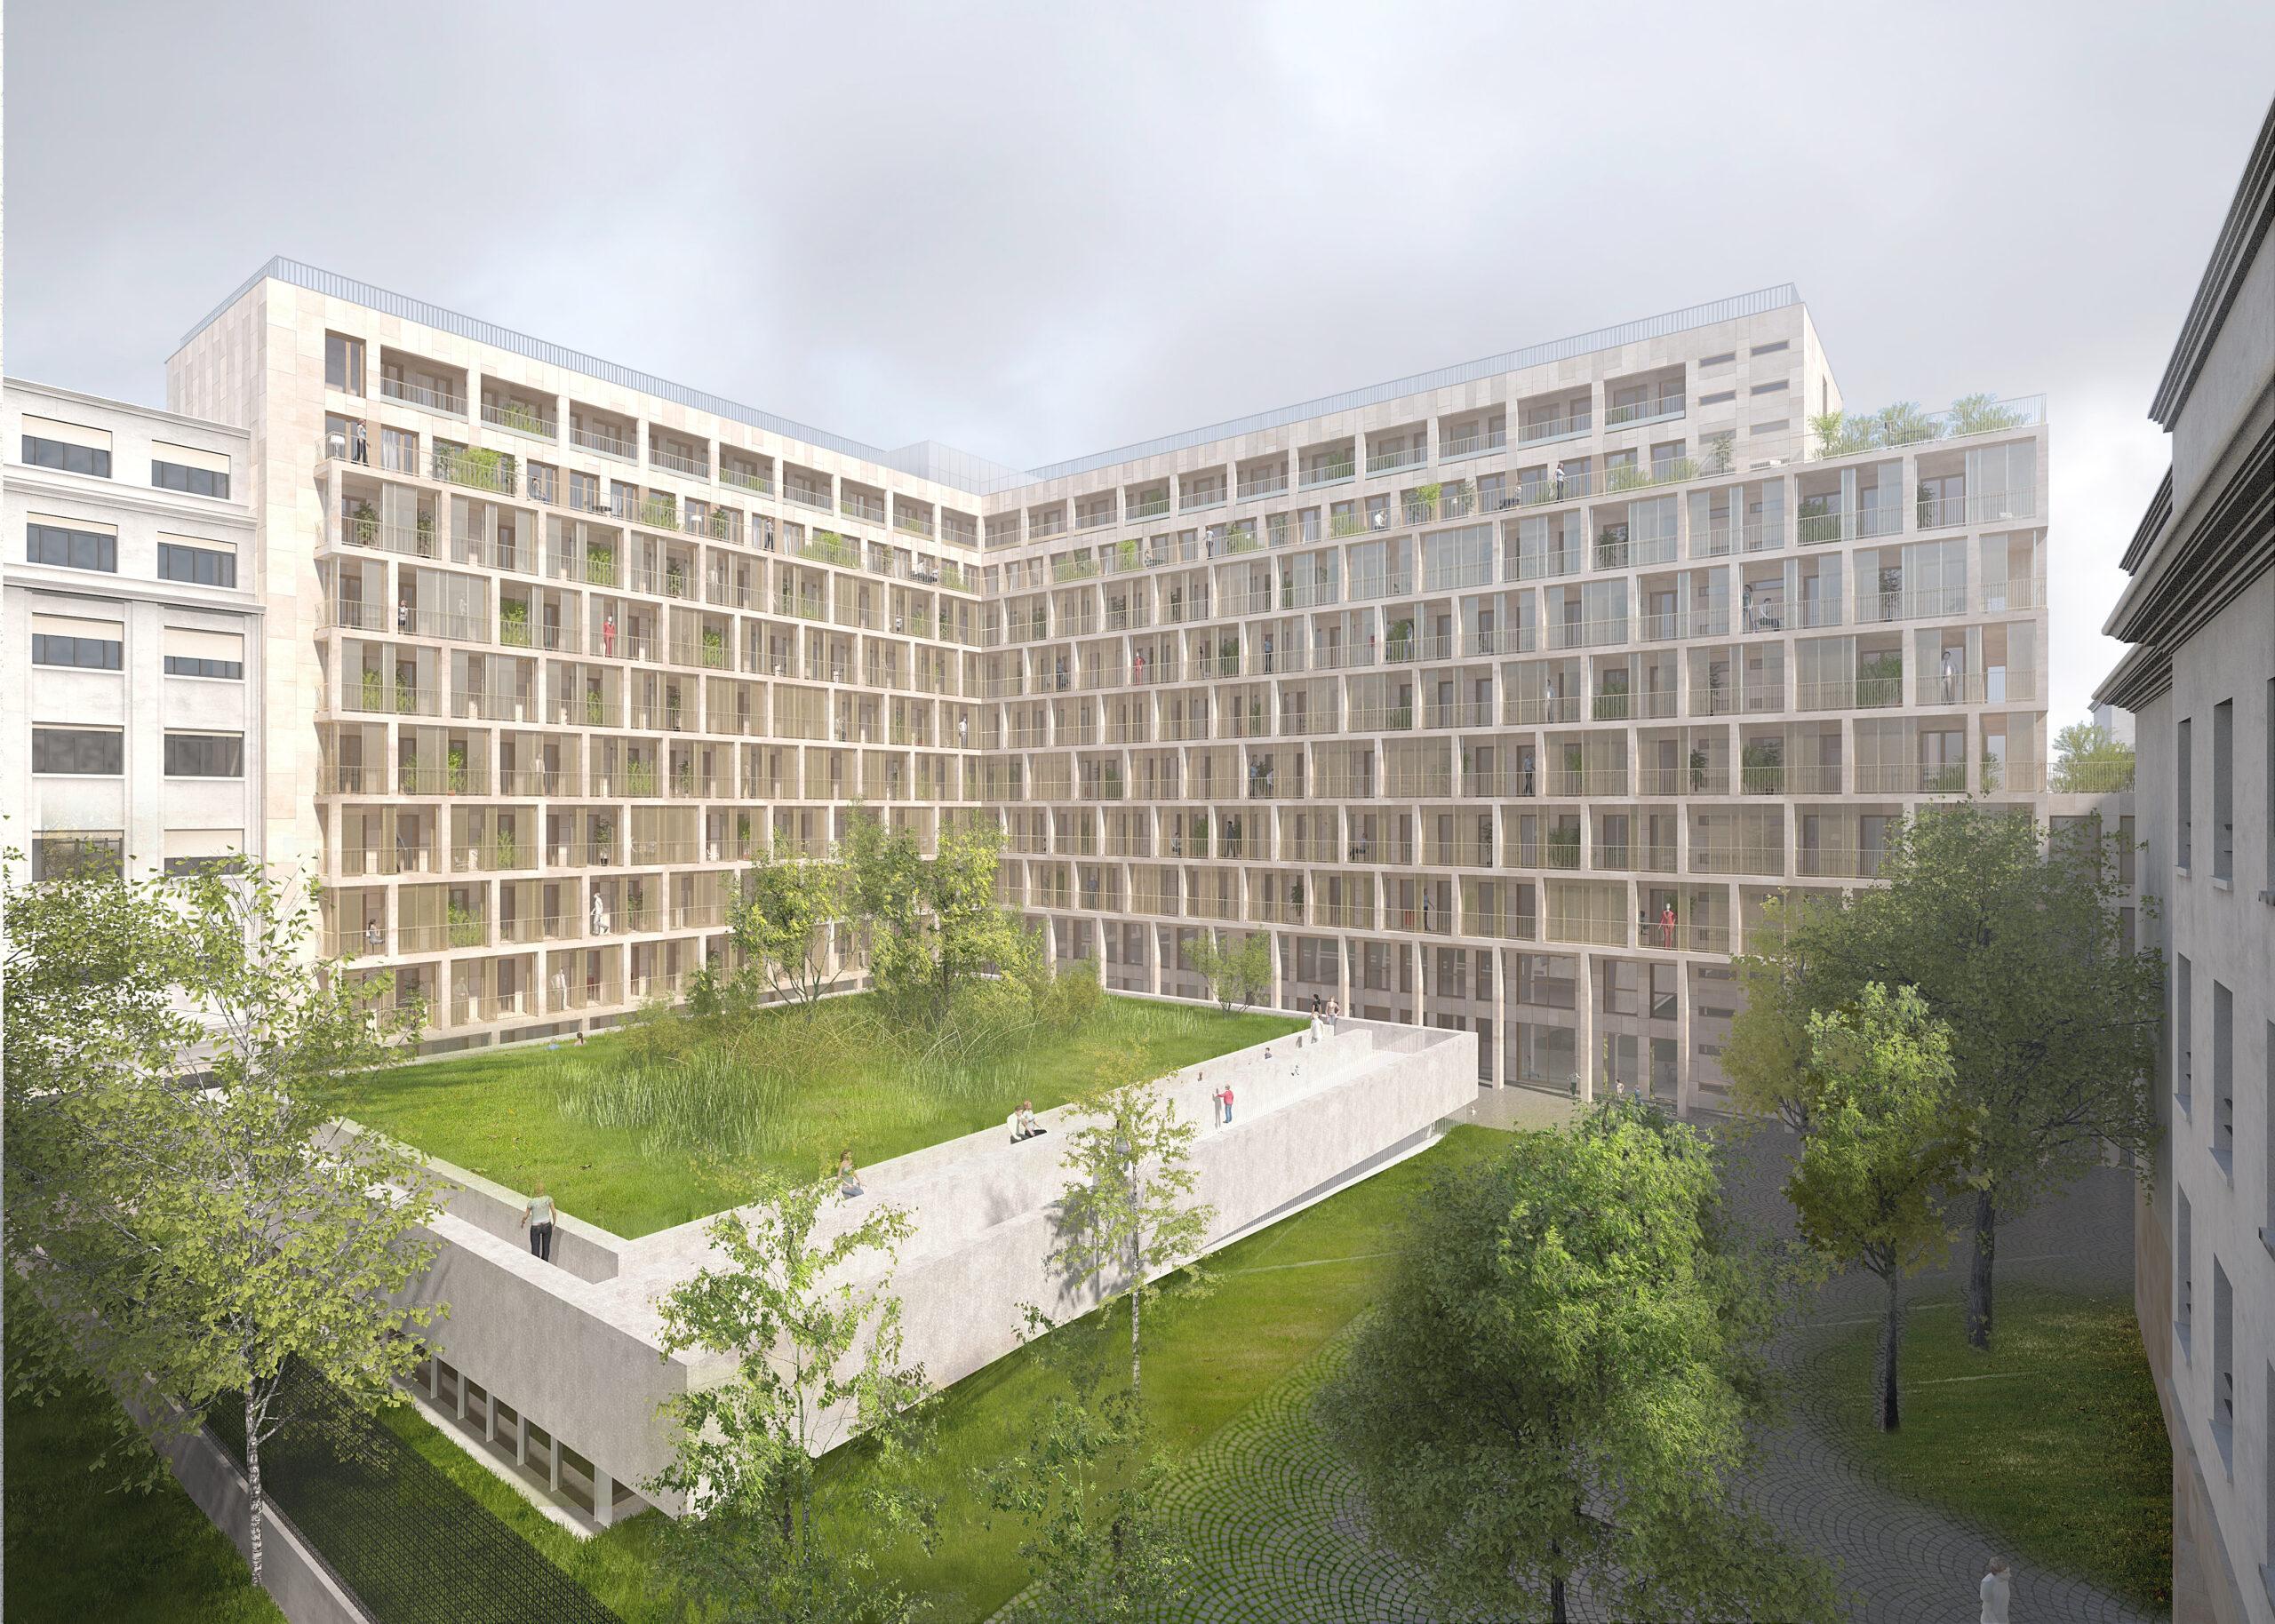 L'ancien ministère de la Défense prochainement transformé en logements sociaux